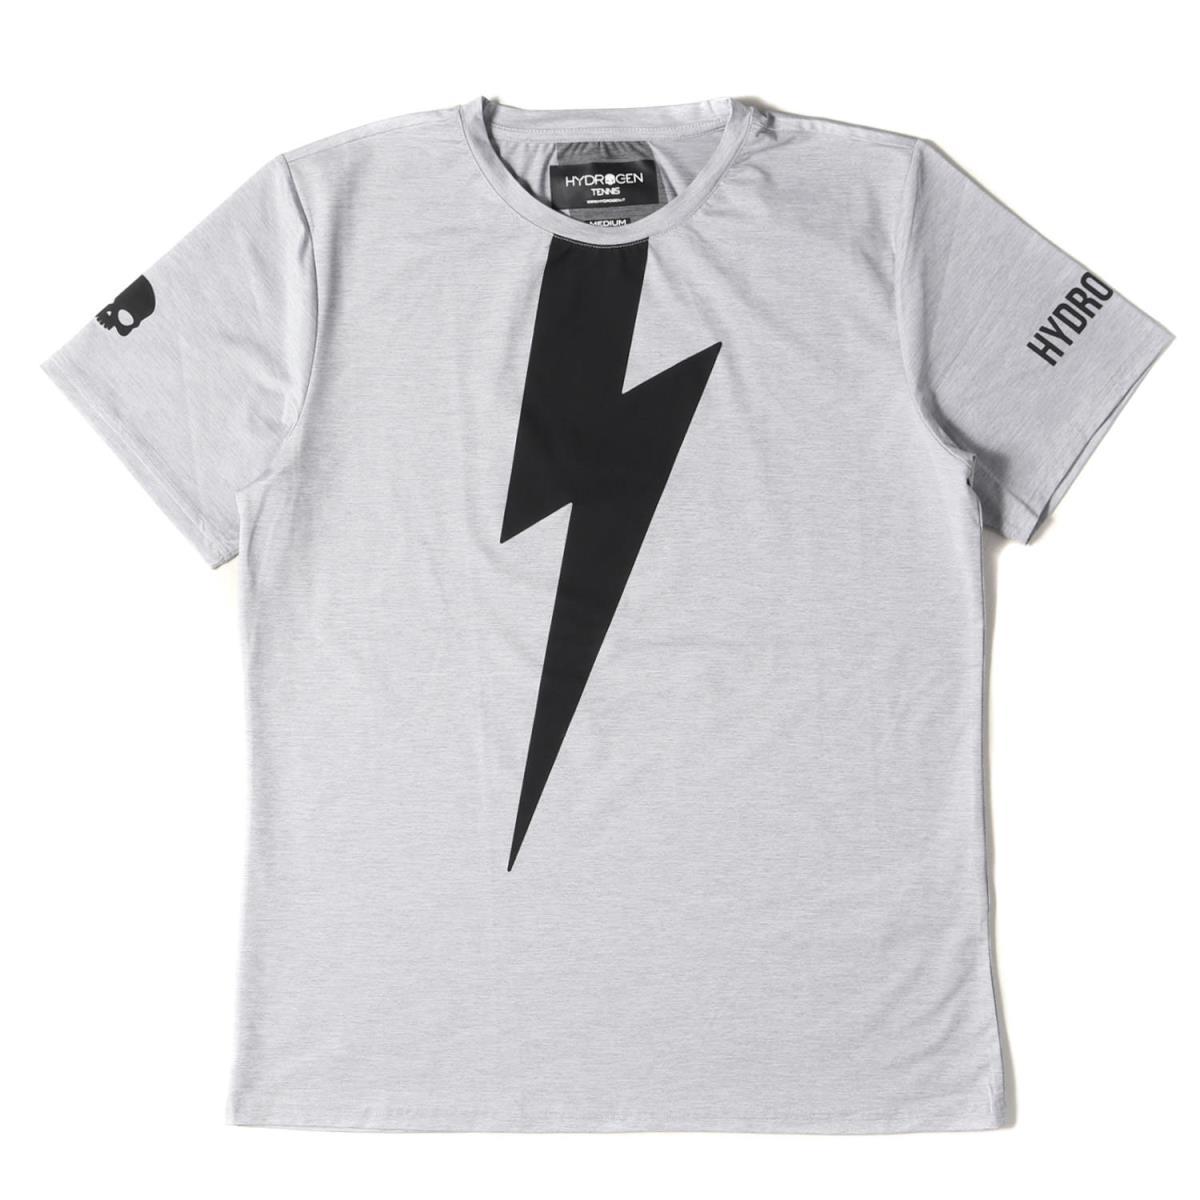 ハイドロゲン Tシャツ サンダー プリント ストレッチ クルーネック HYDROGEN グレー ビッグサンダー メンズ 超目玉 商舗 TENNIS M K3024